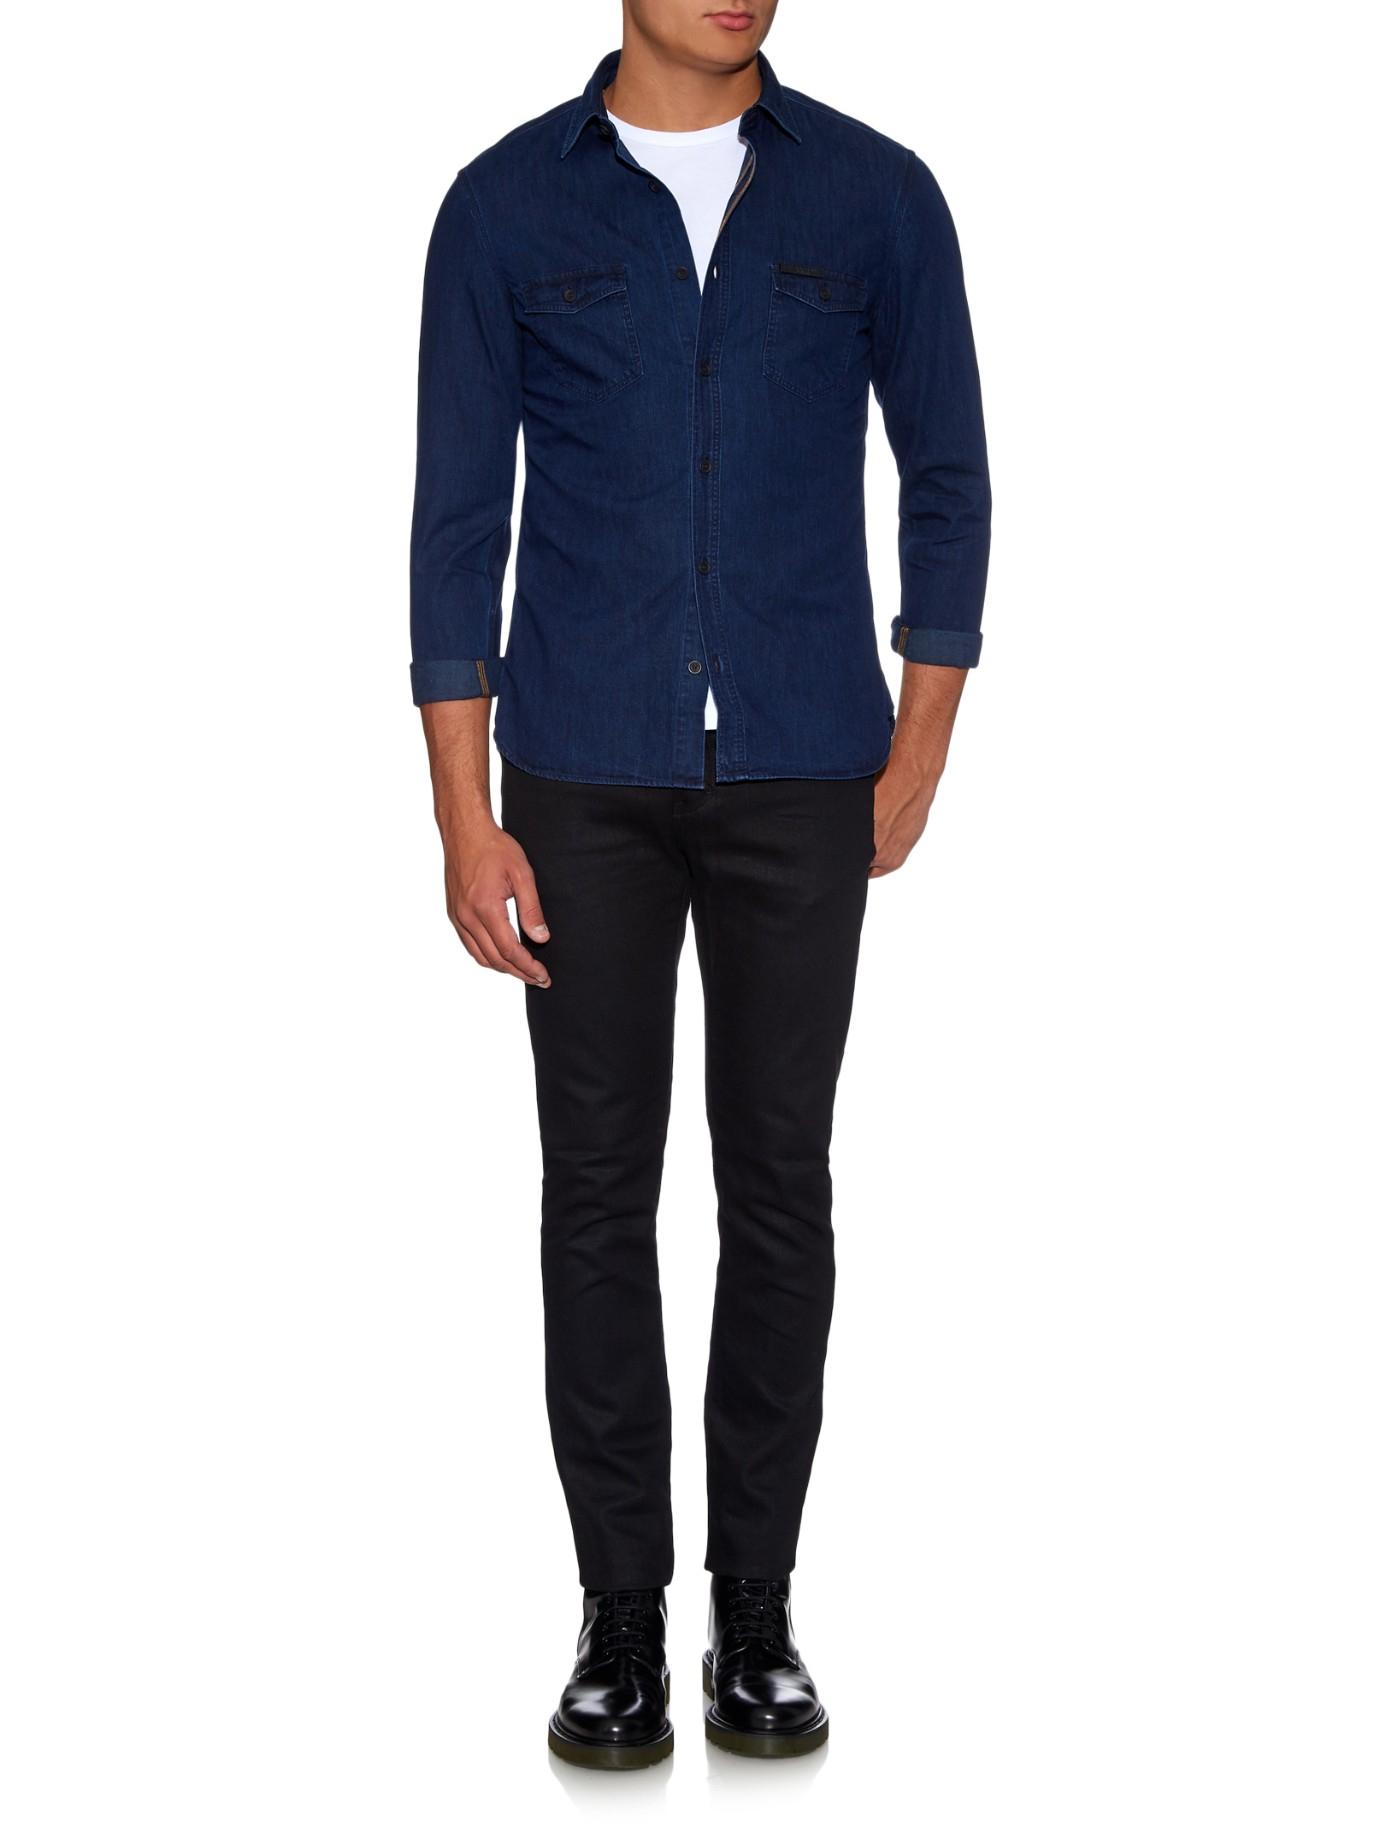 Burberry Brit Zach Denim Shirt in Indigo (Blue) for Men